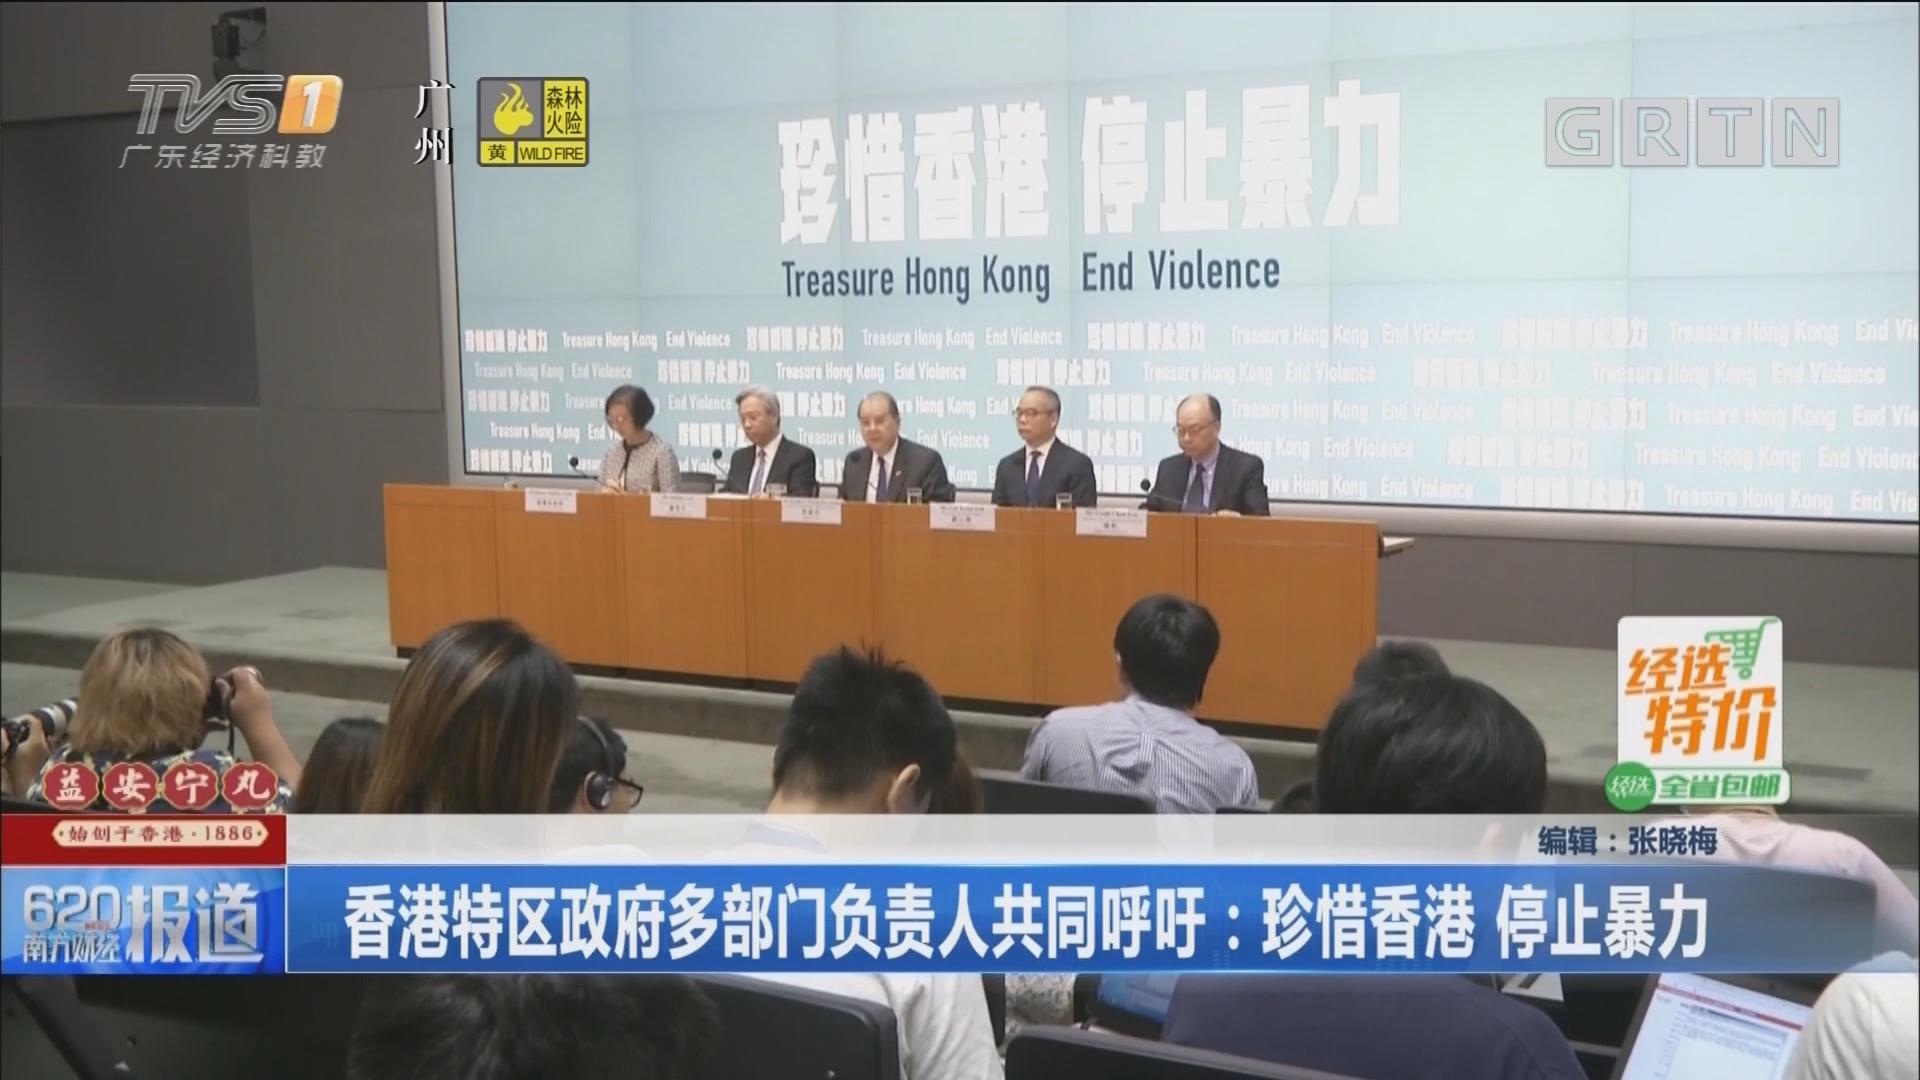 香港特区政府多部门负责人共同呼吁:珍惜香港 停止暴力